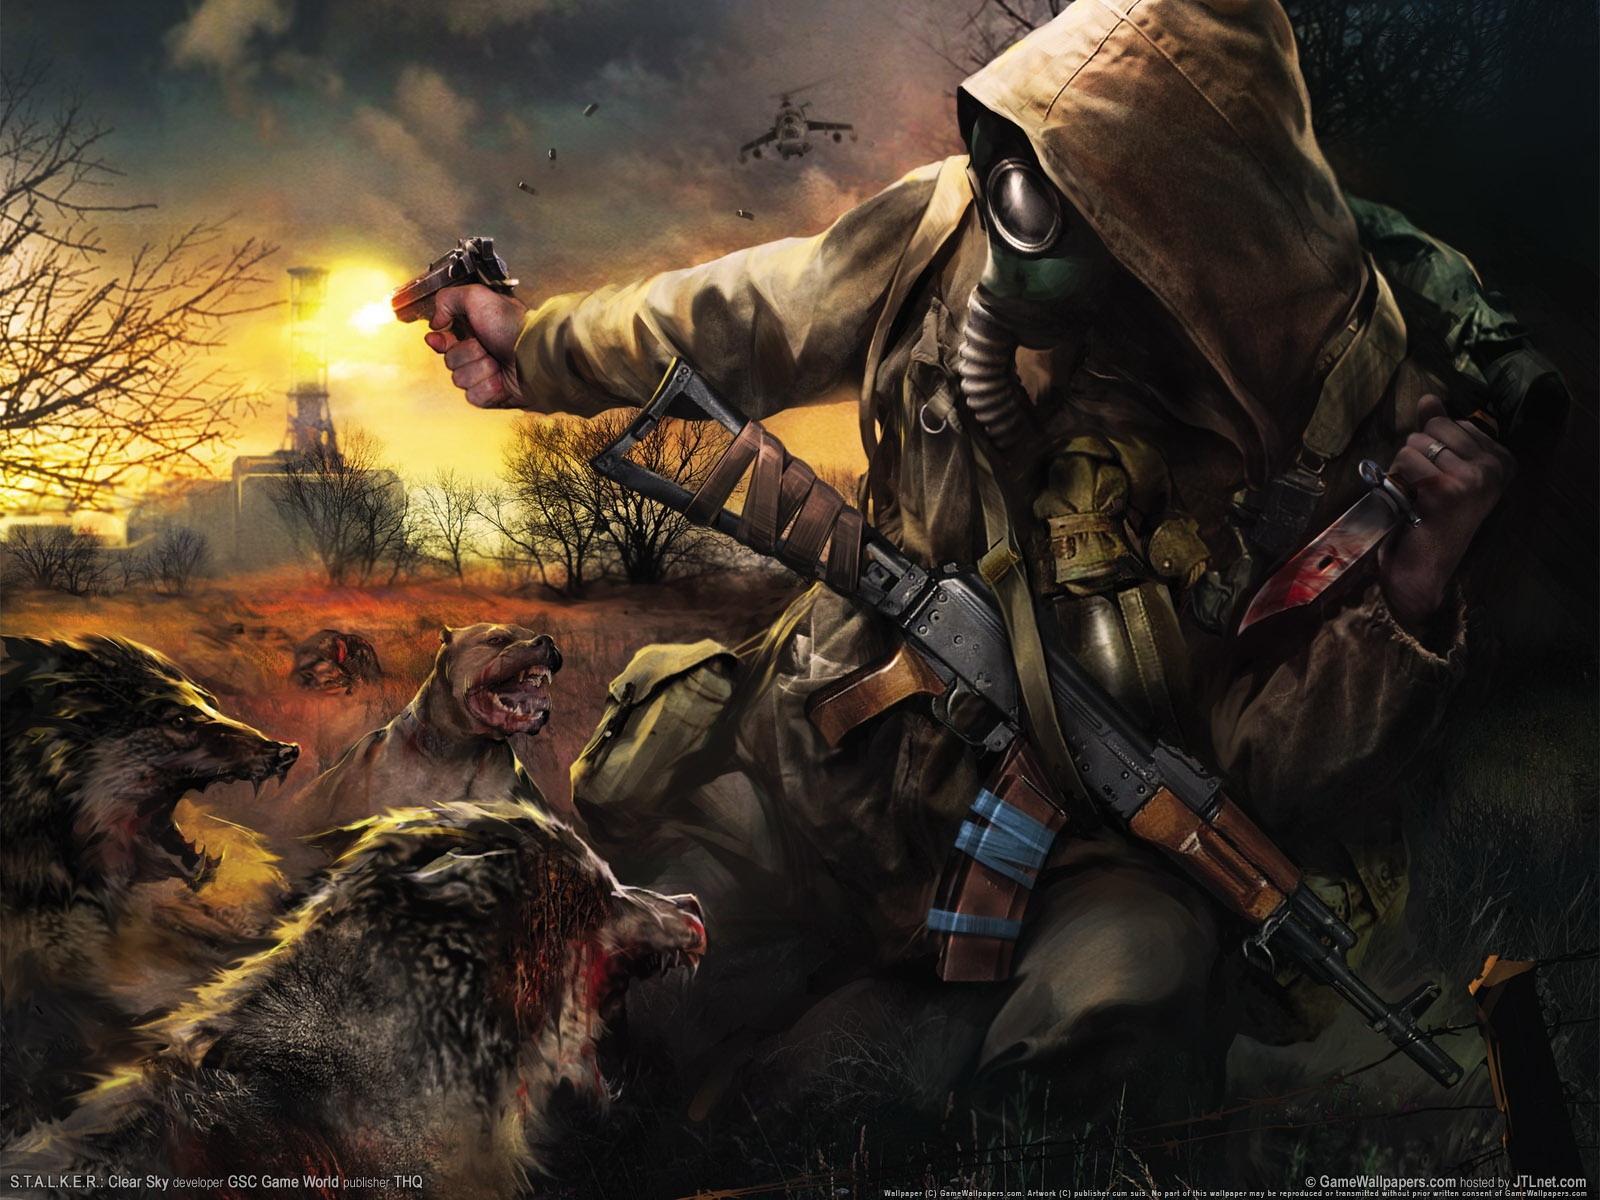 S.T.A.L.K.E.R.- Lost Alpha «Обзор» - Изображение 2